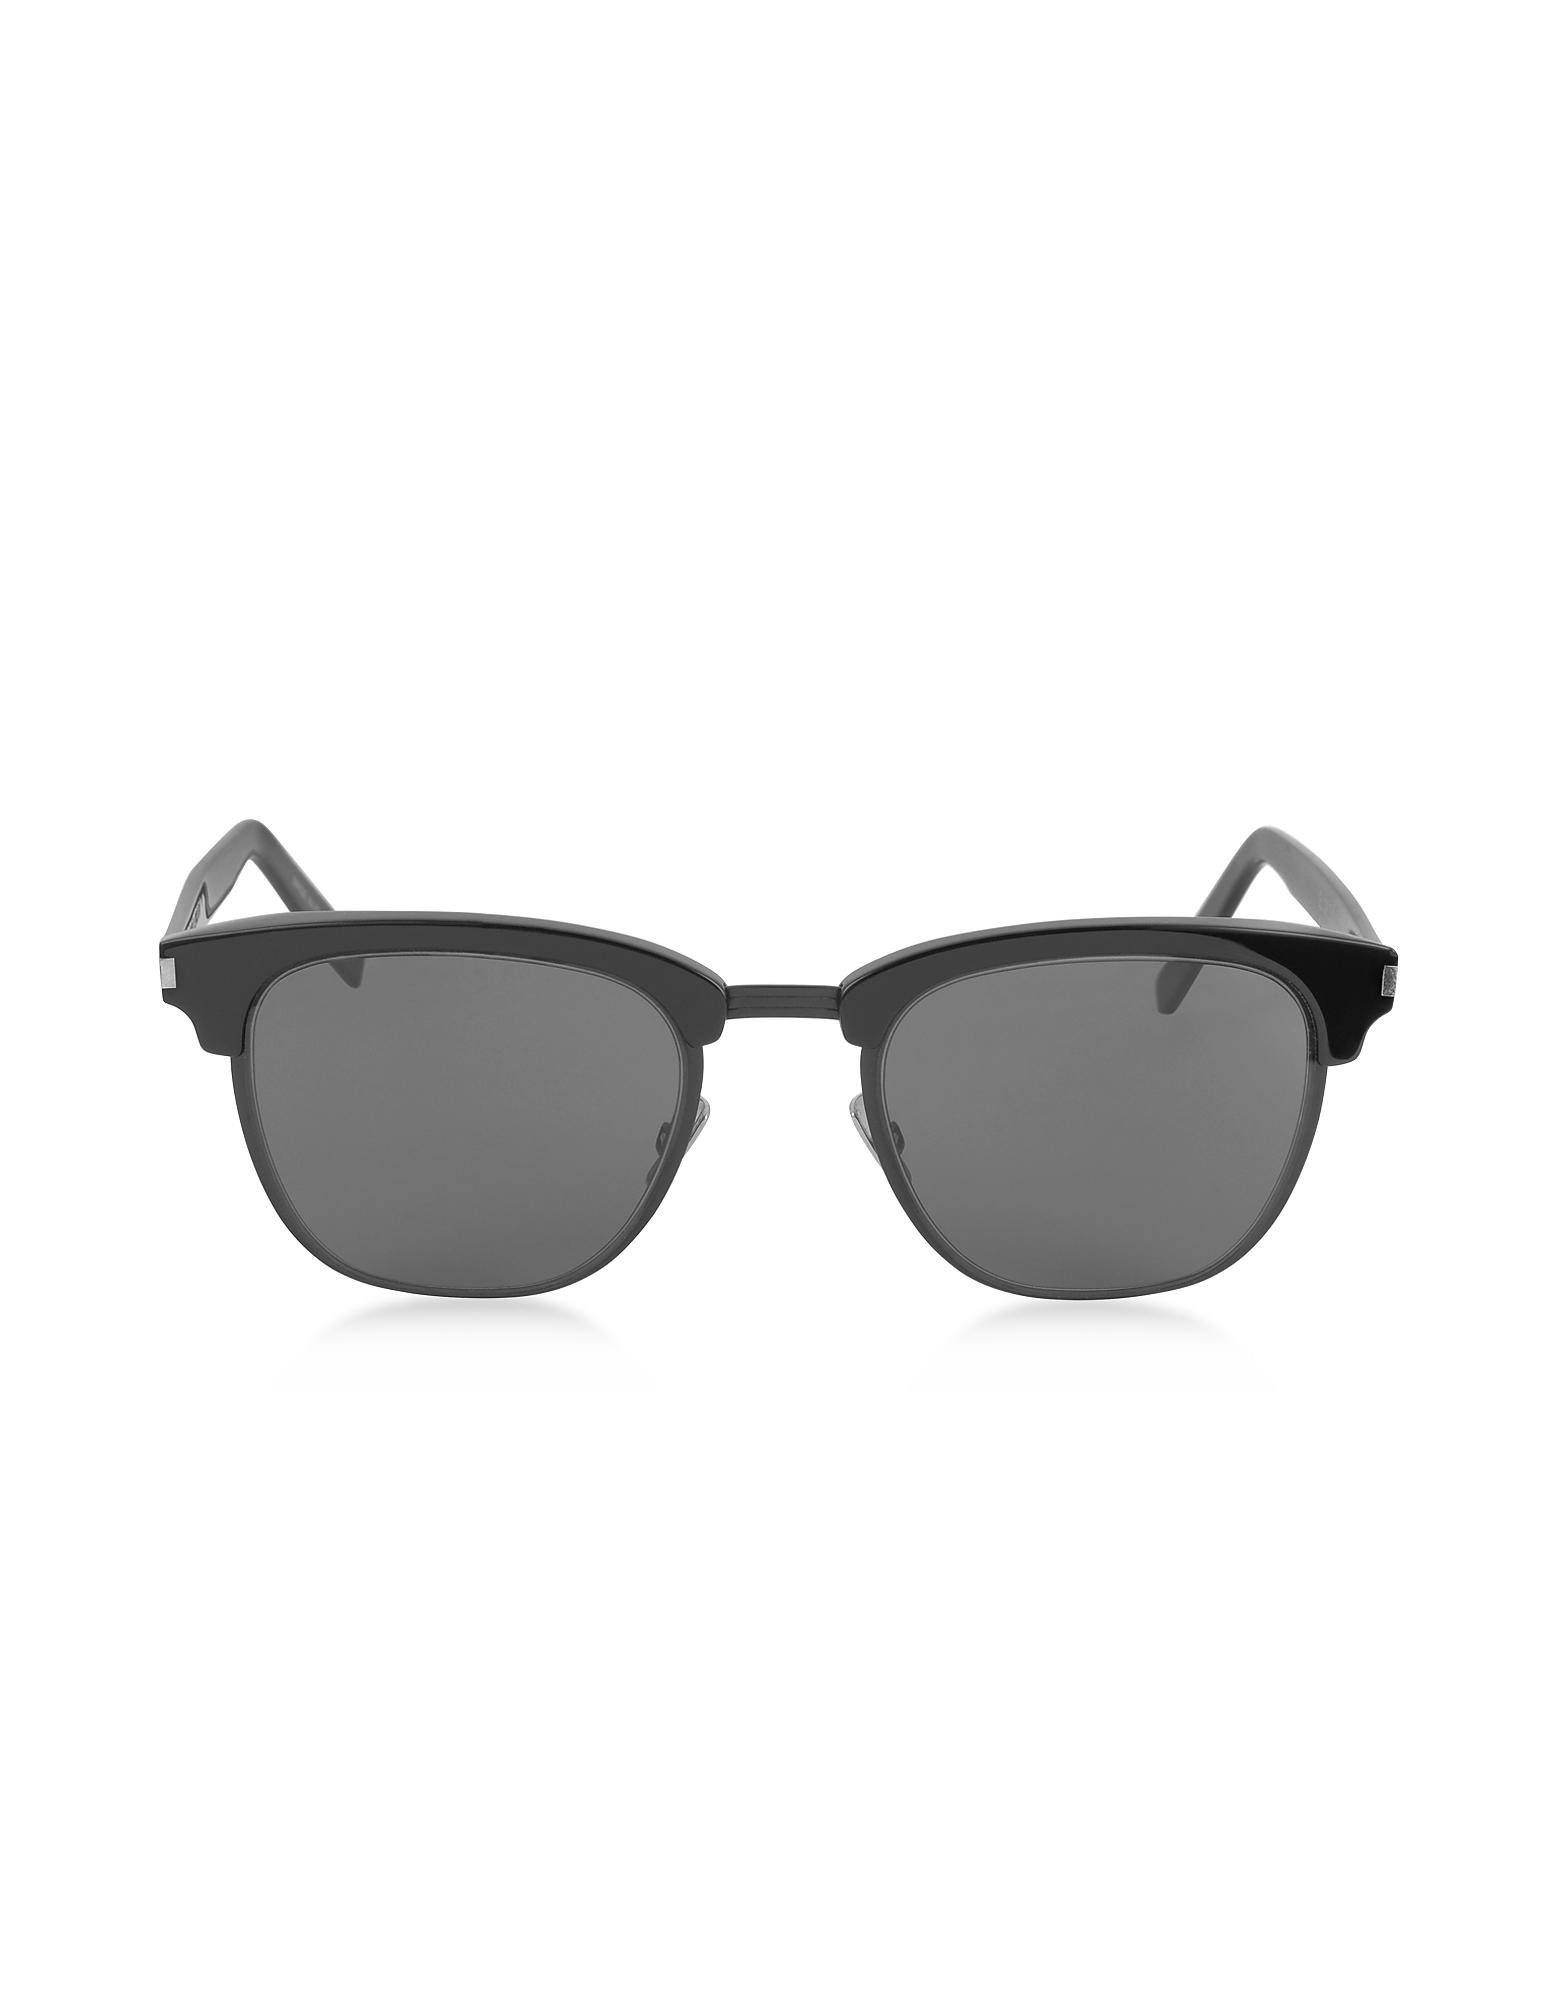 SL108 - Тонкие Черные Женские Солнечные Очки в Металлической Оправе Чашка